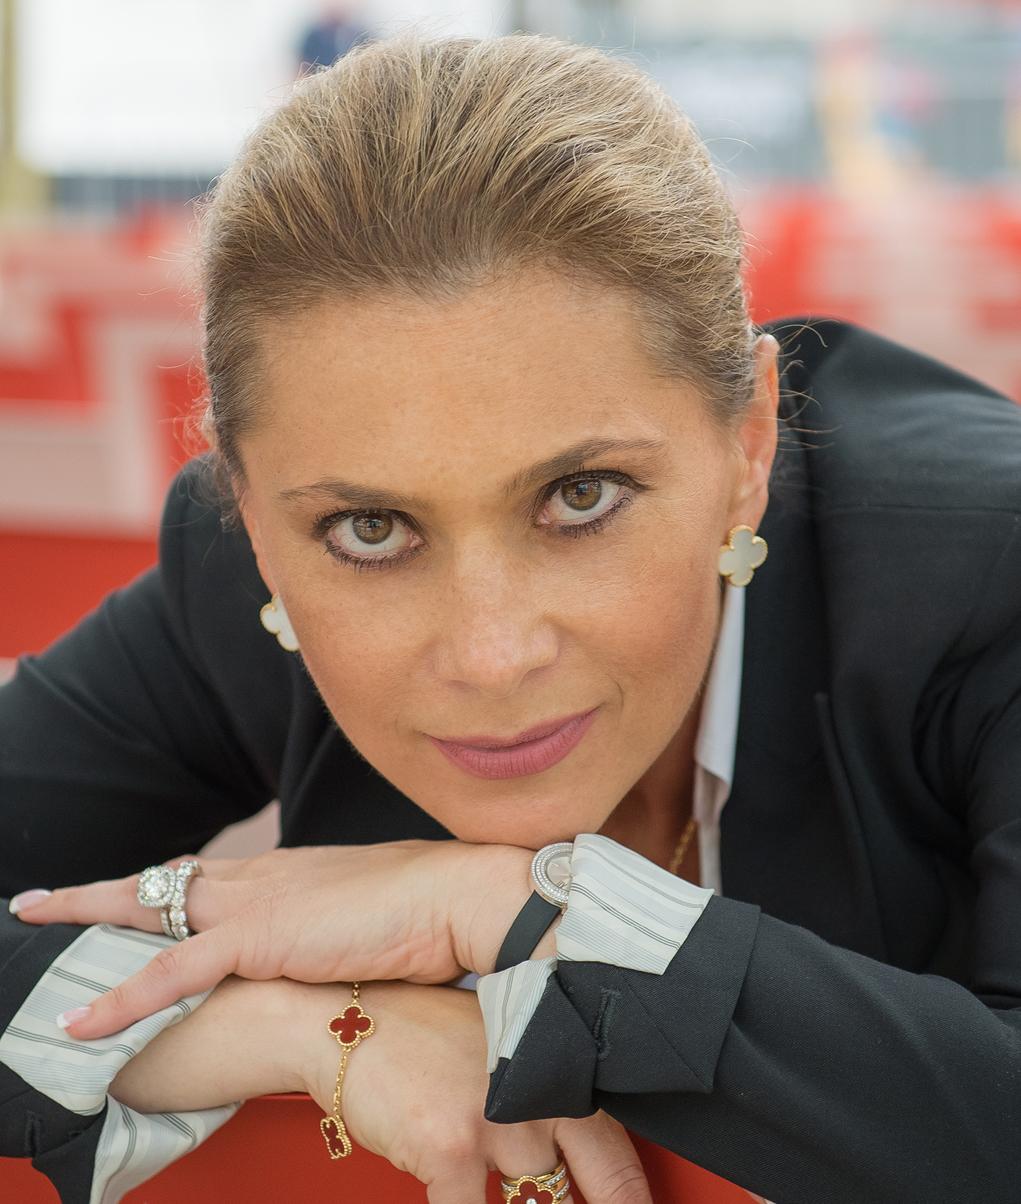 Susan Dorfman